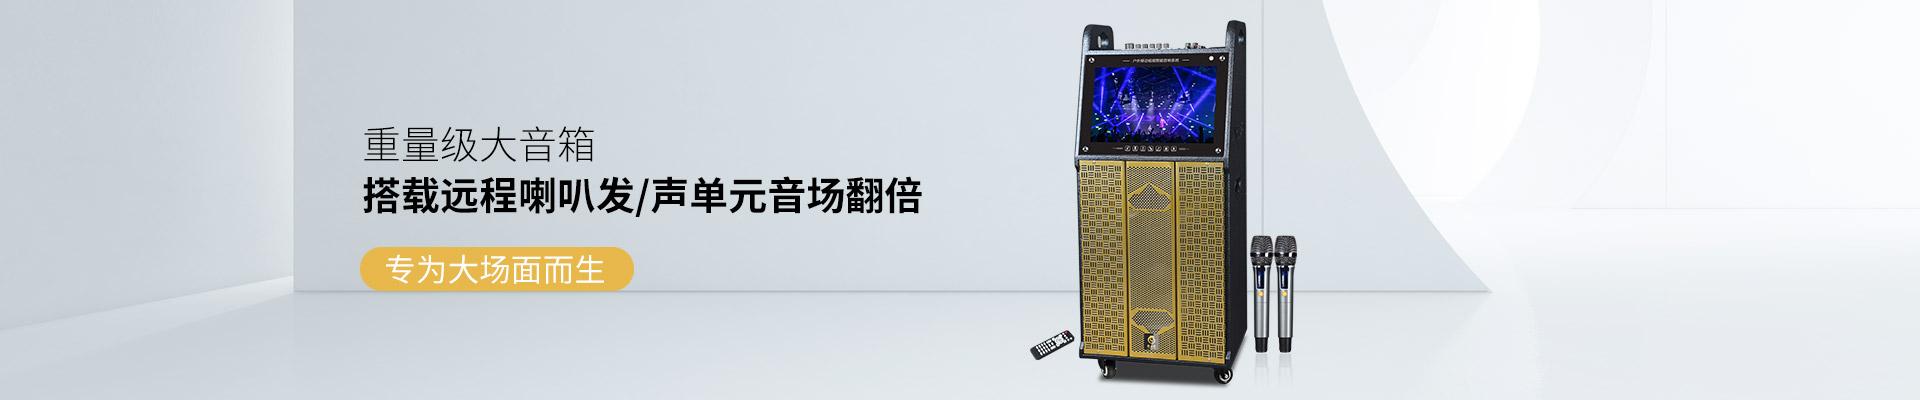 爵士龙视频拉杆音响:重量级大音箱,搭载远程喇叭发声单元音场翻倍,专为大场面而生